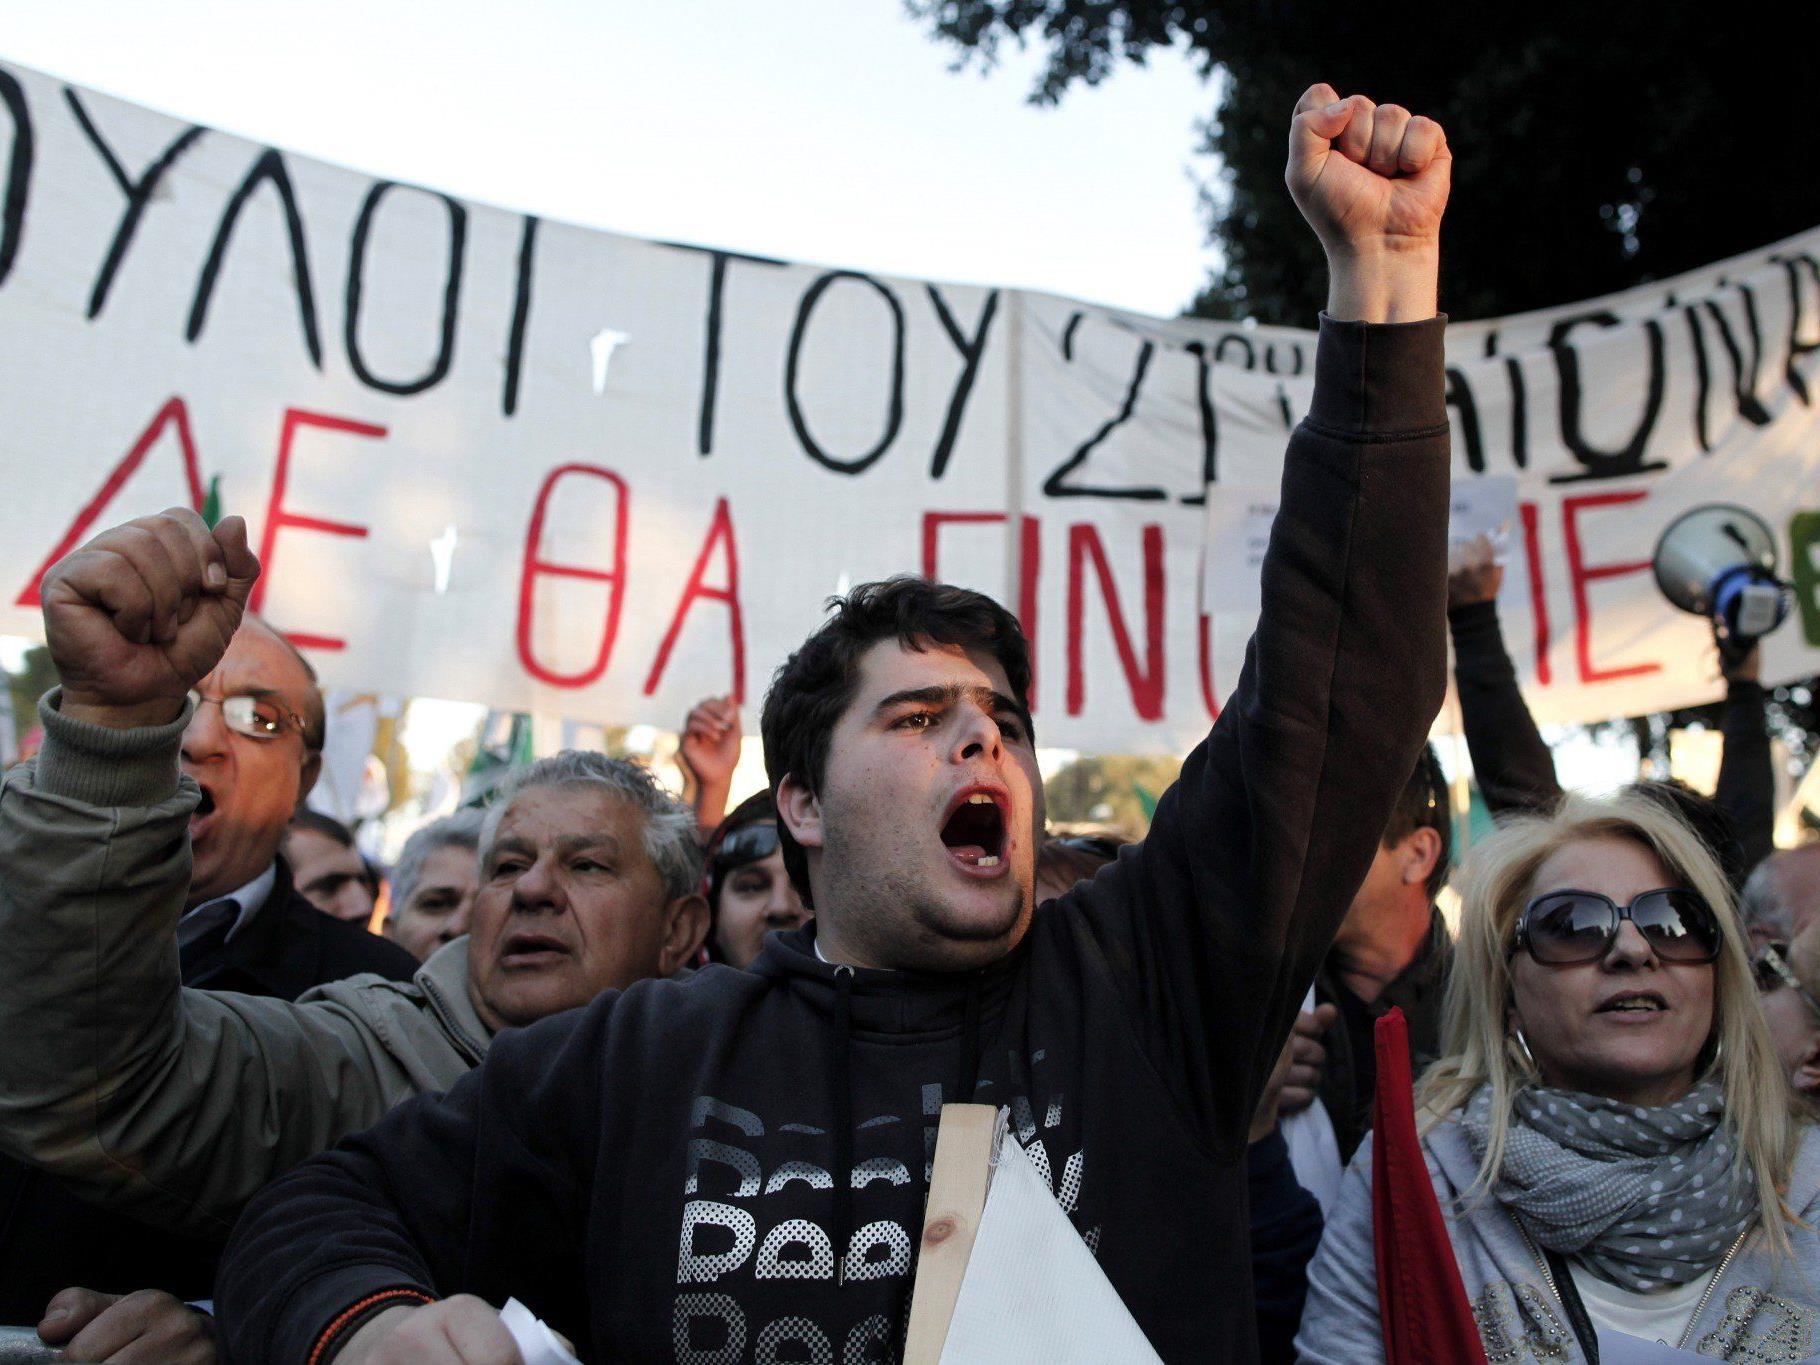 Die Forderung der Demontranten vor dem Parlament wurde erfüllt.